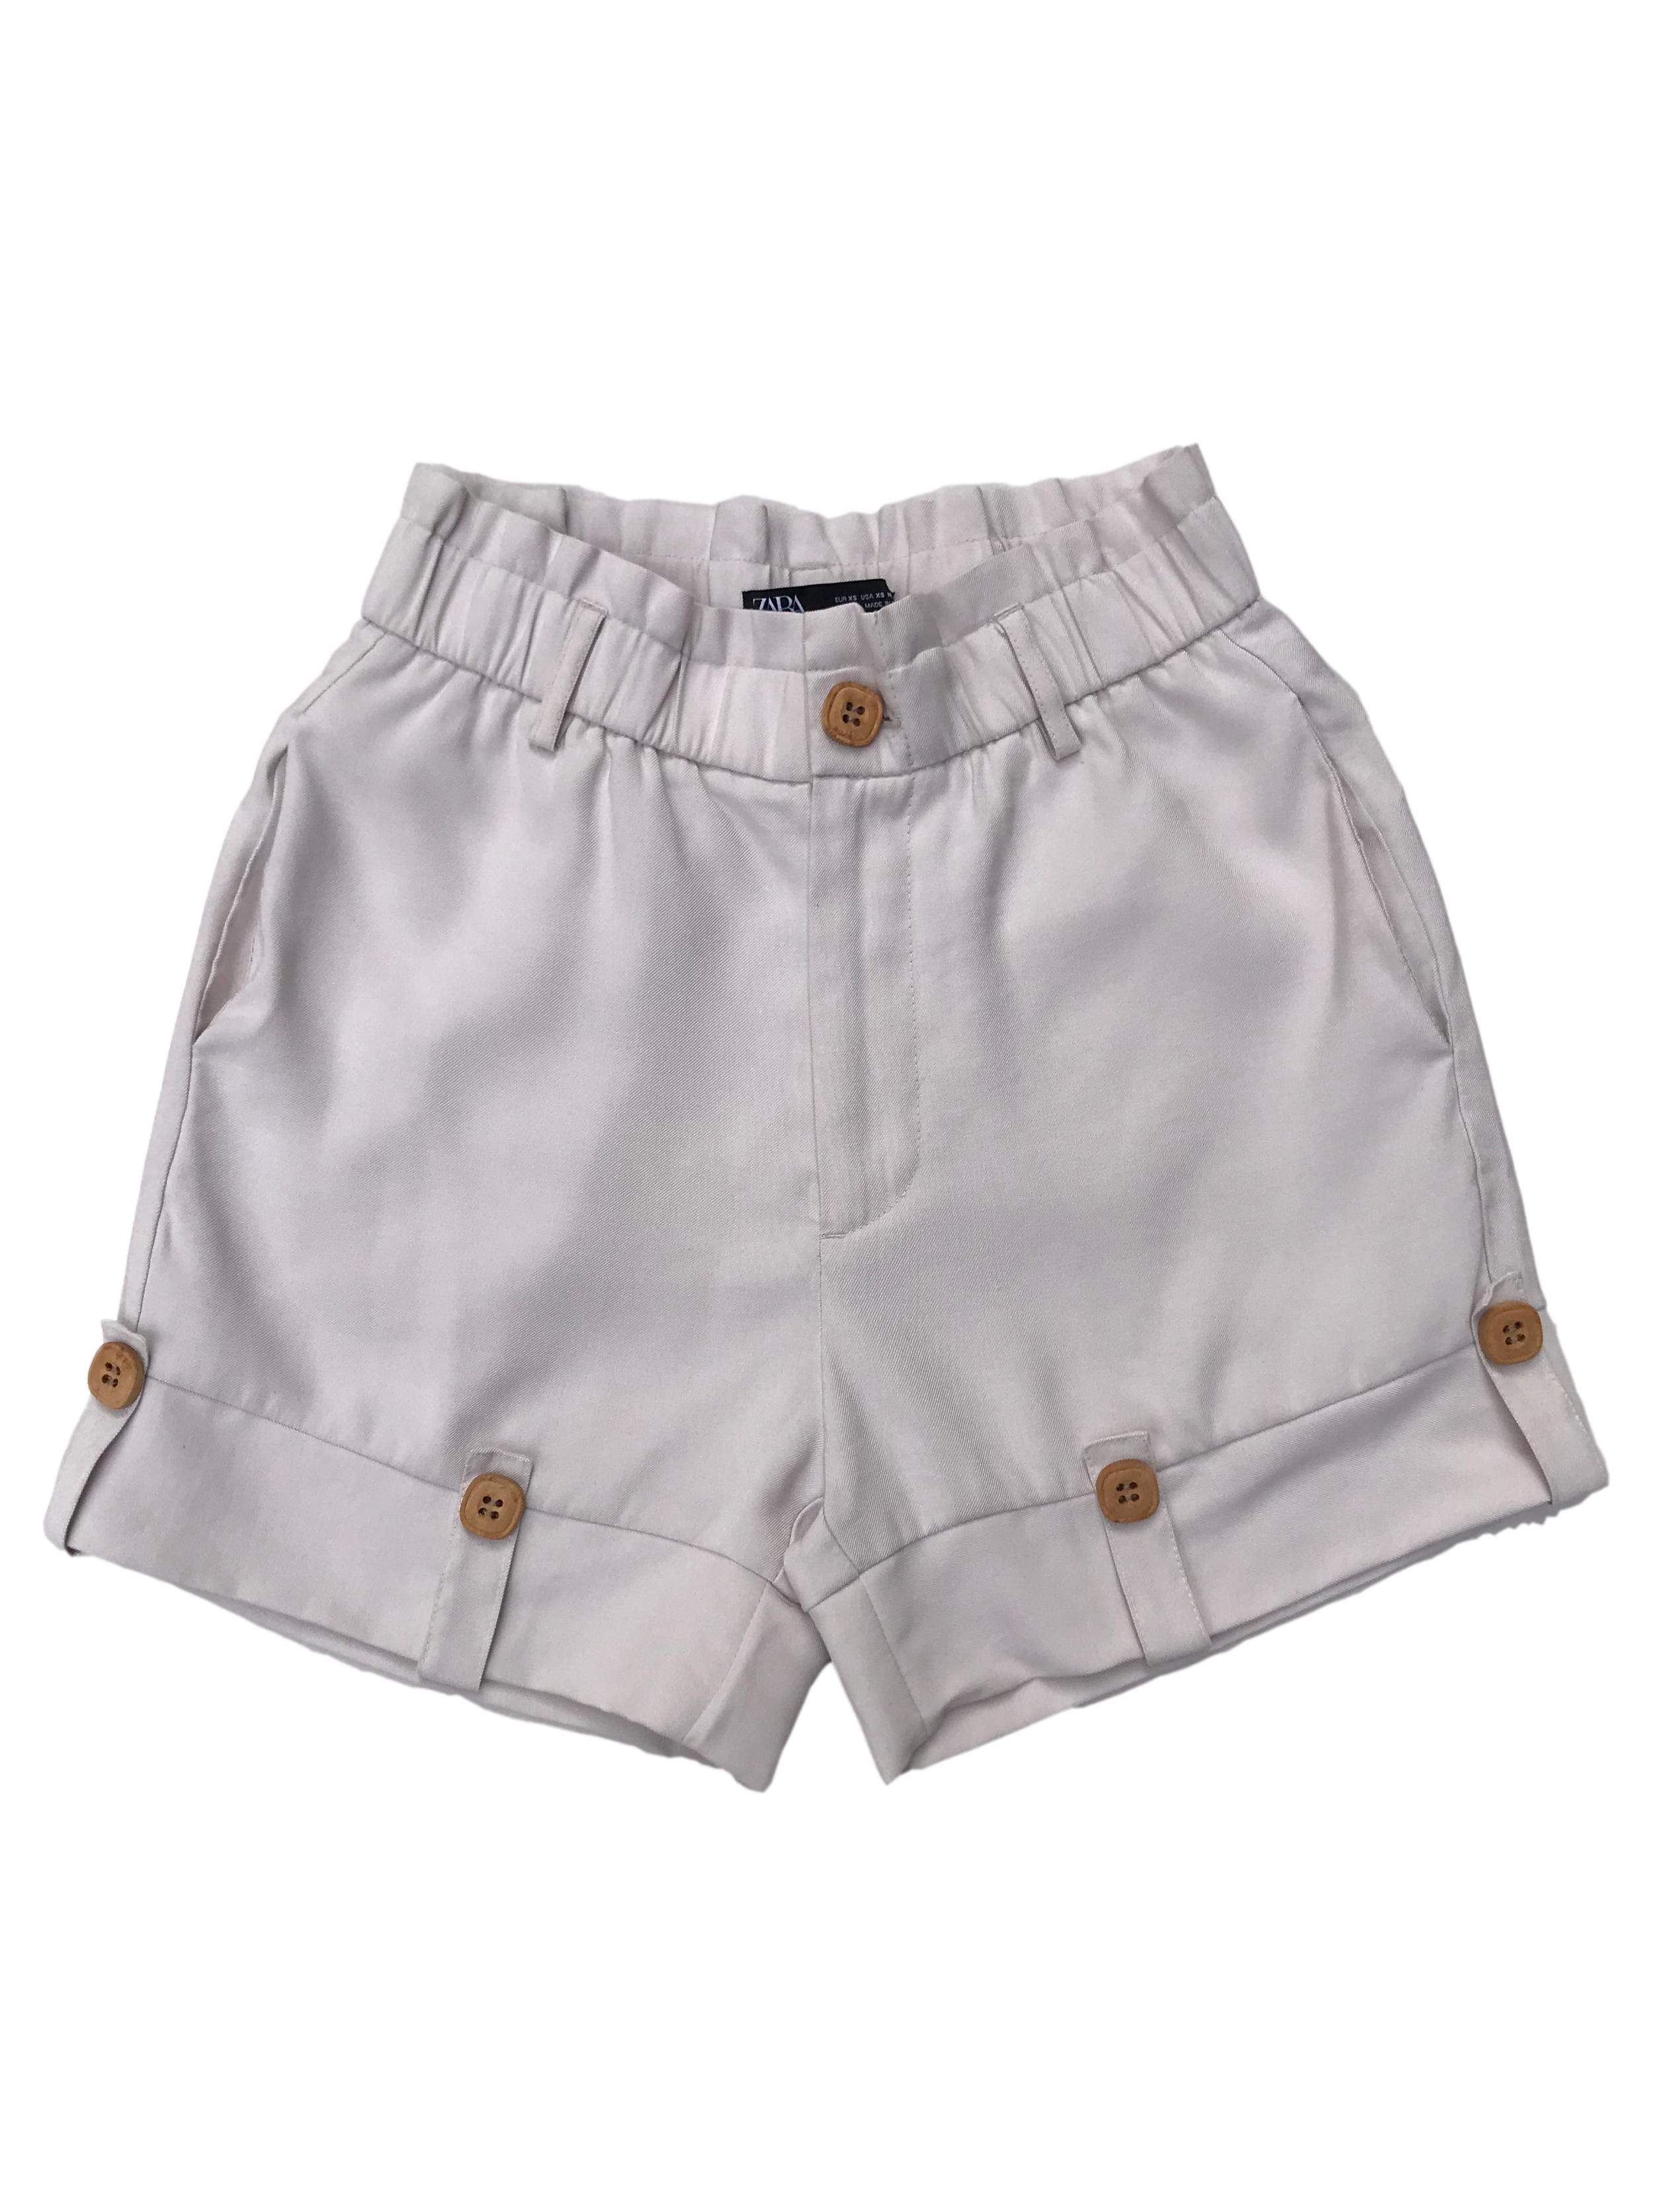 Short Zara crema a la cintura, con bolsillos laterales y garetas en la basta. Cintura 66cm Largo 38cm. Precio original S/ 129